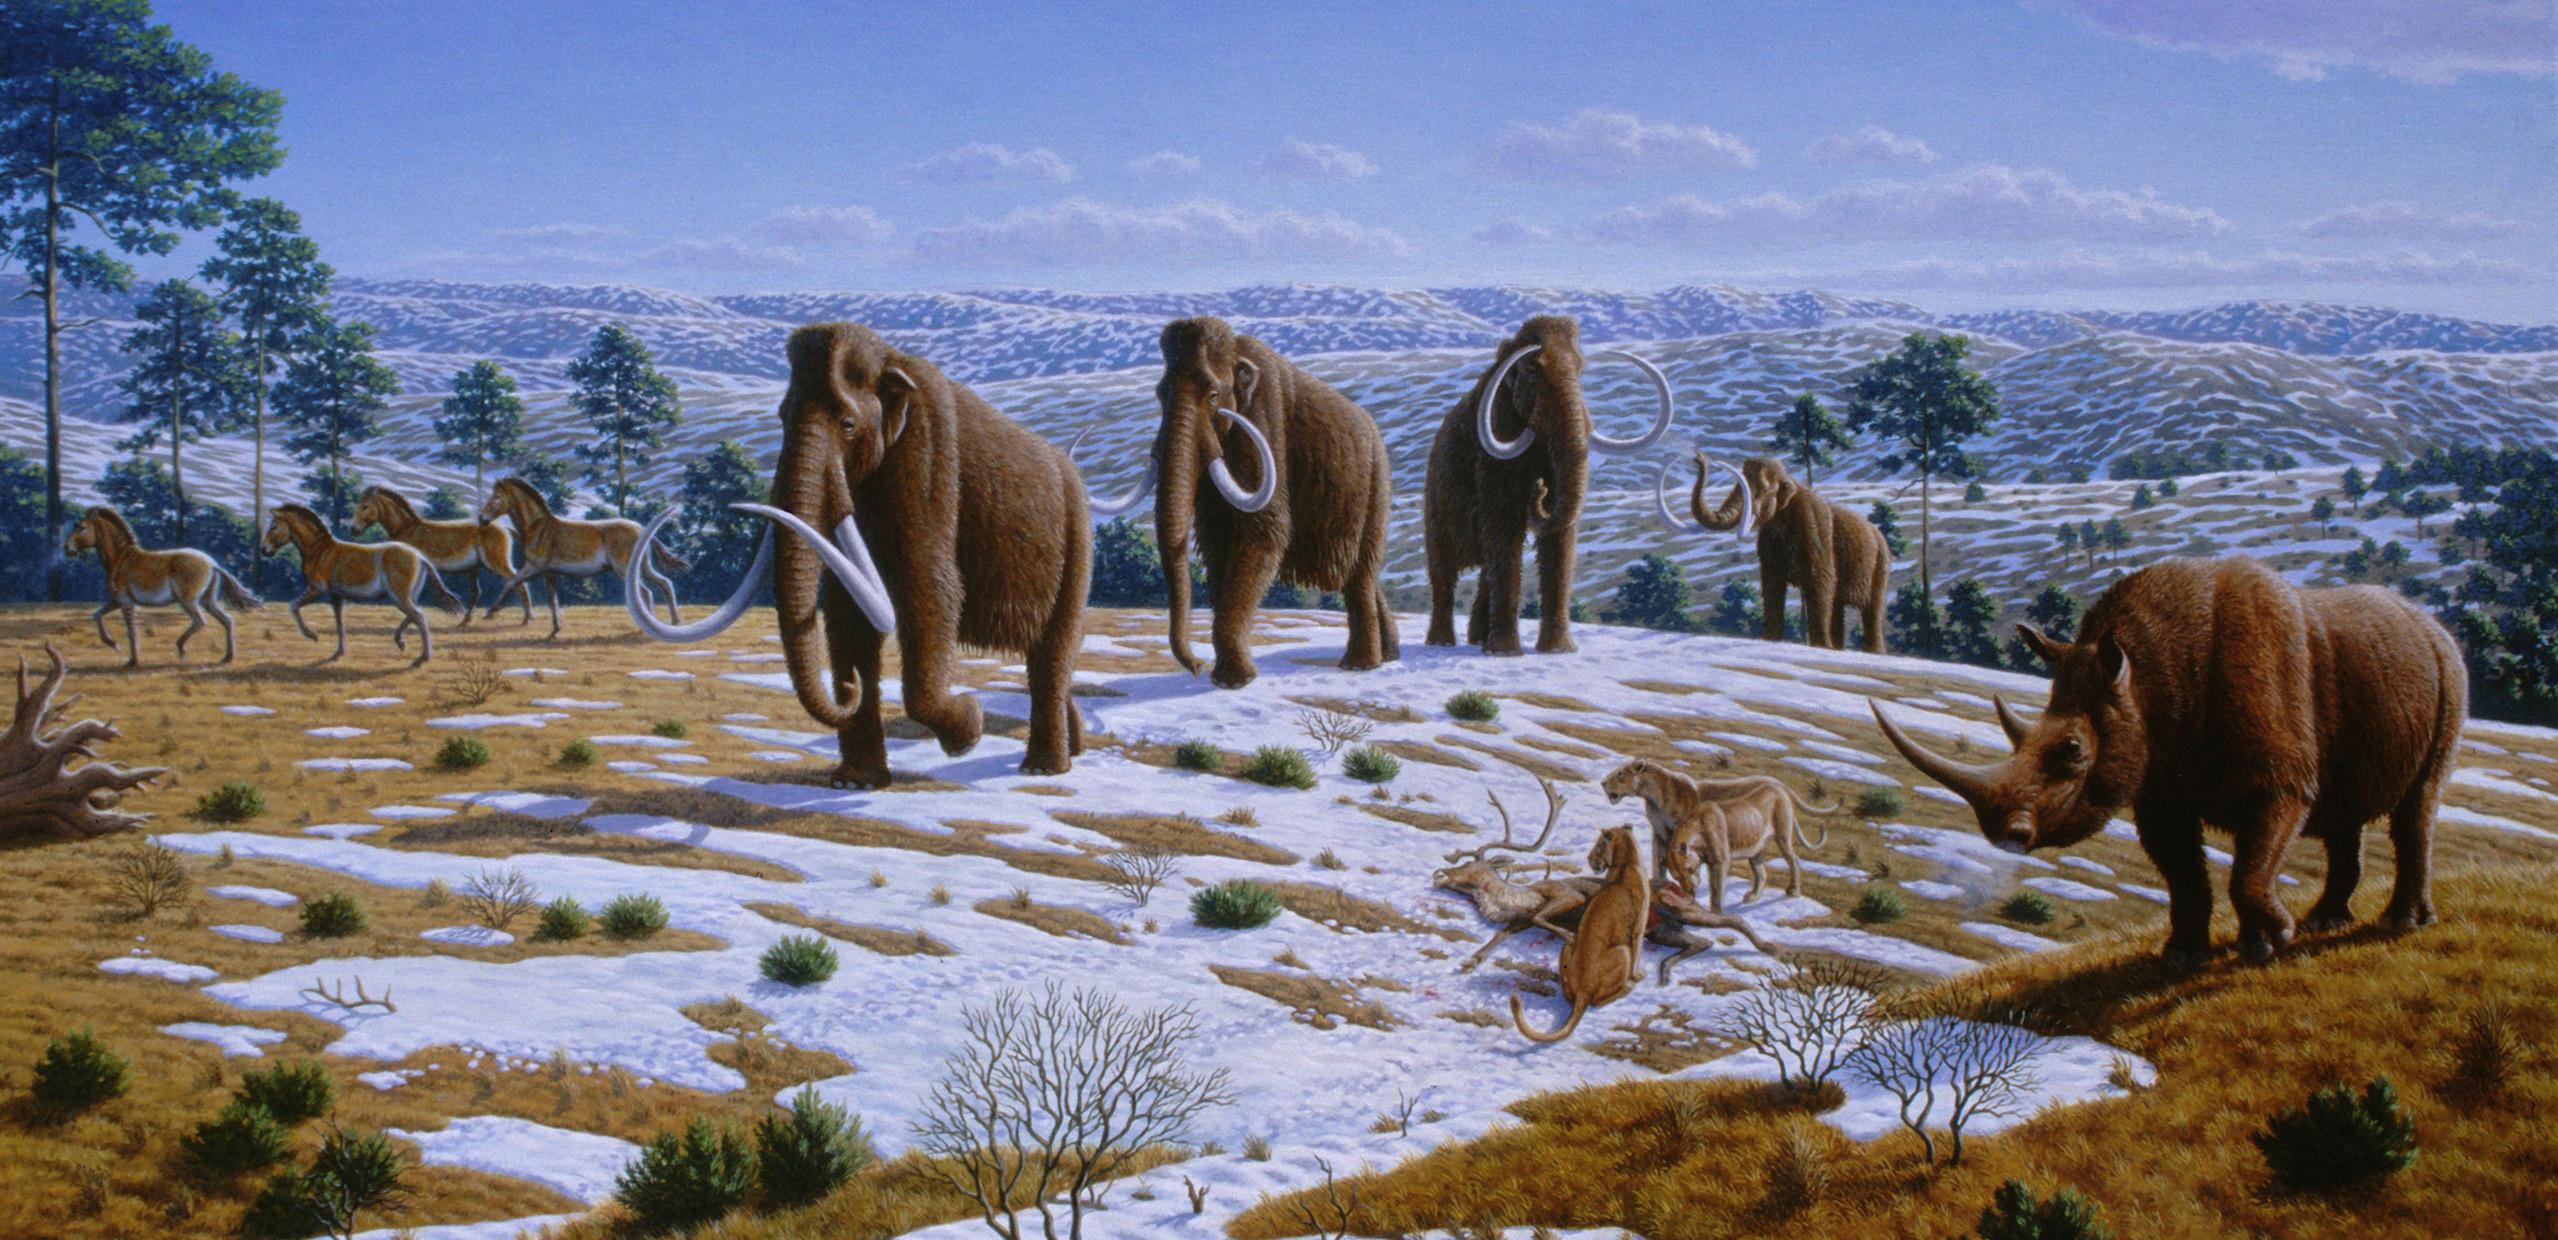 woolly_mammoth_siberian_tundra